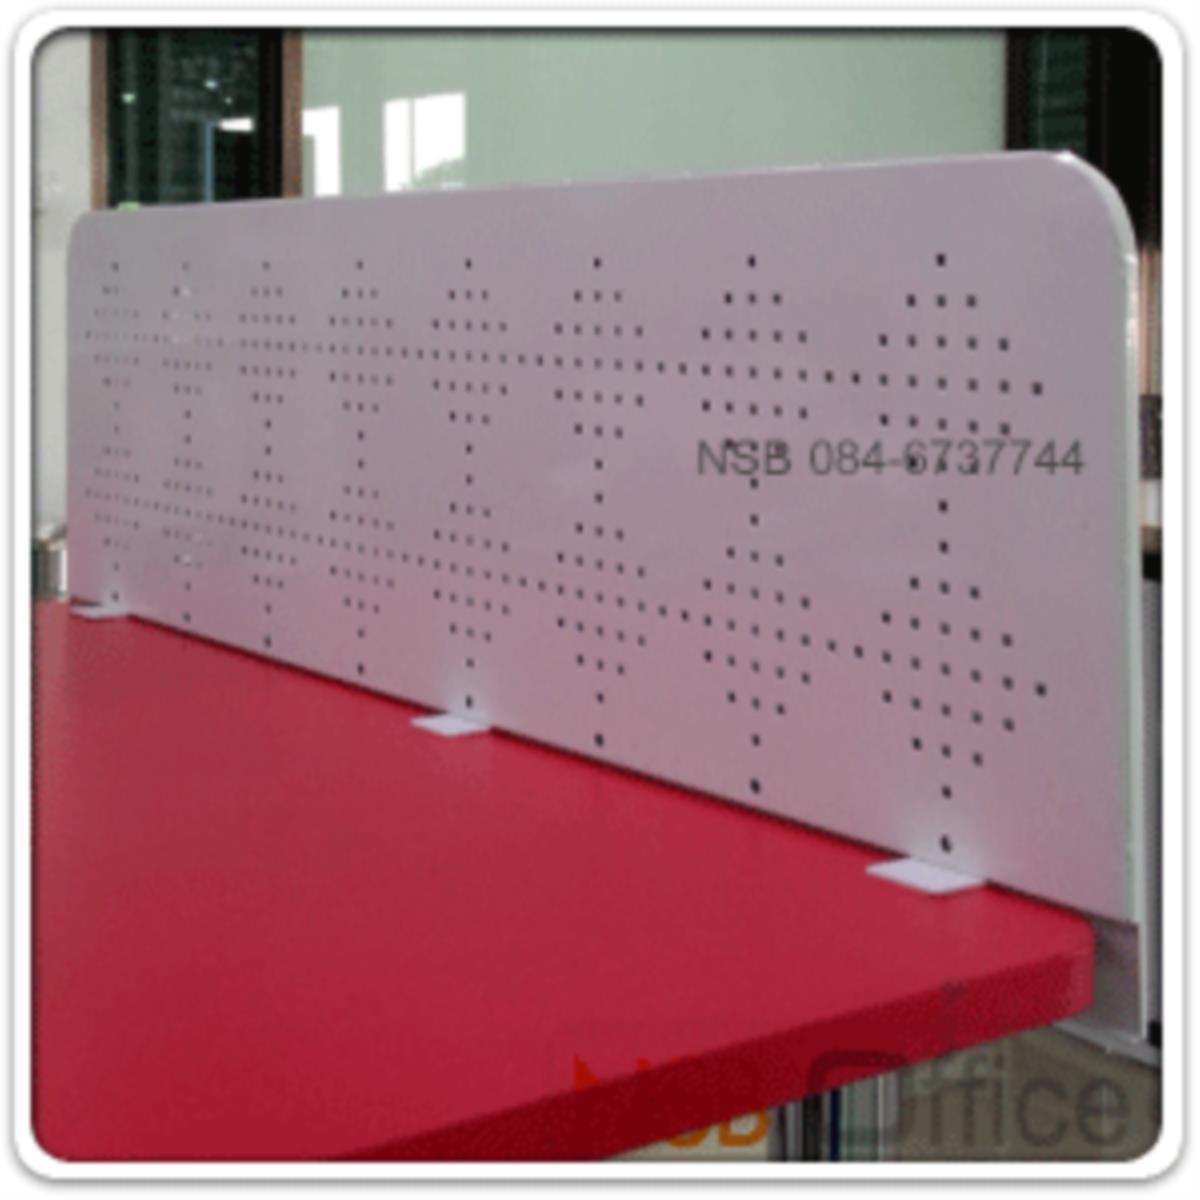 มินิสกรีนกั้นบนโต๊ะเหล็กล้วน 40H cm.  รุ่น Steel (สตีล) ขนาด 100W, 120W, 135W และ 150W cm.